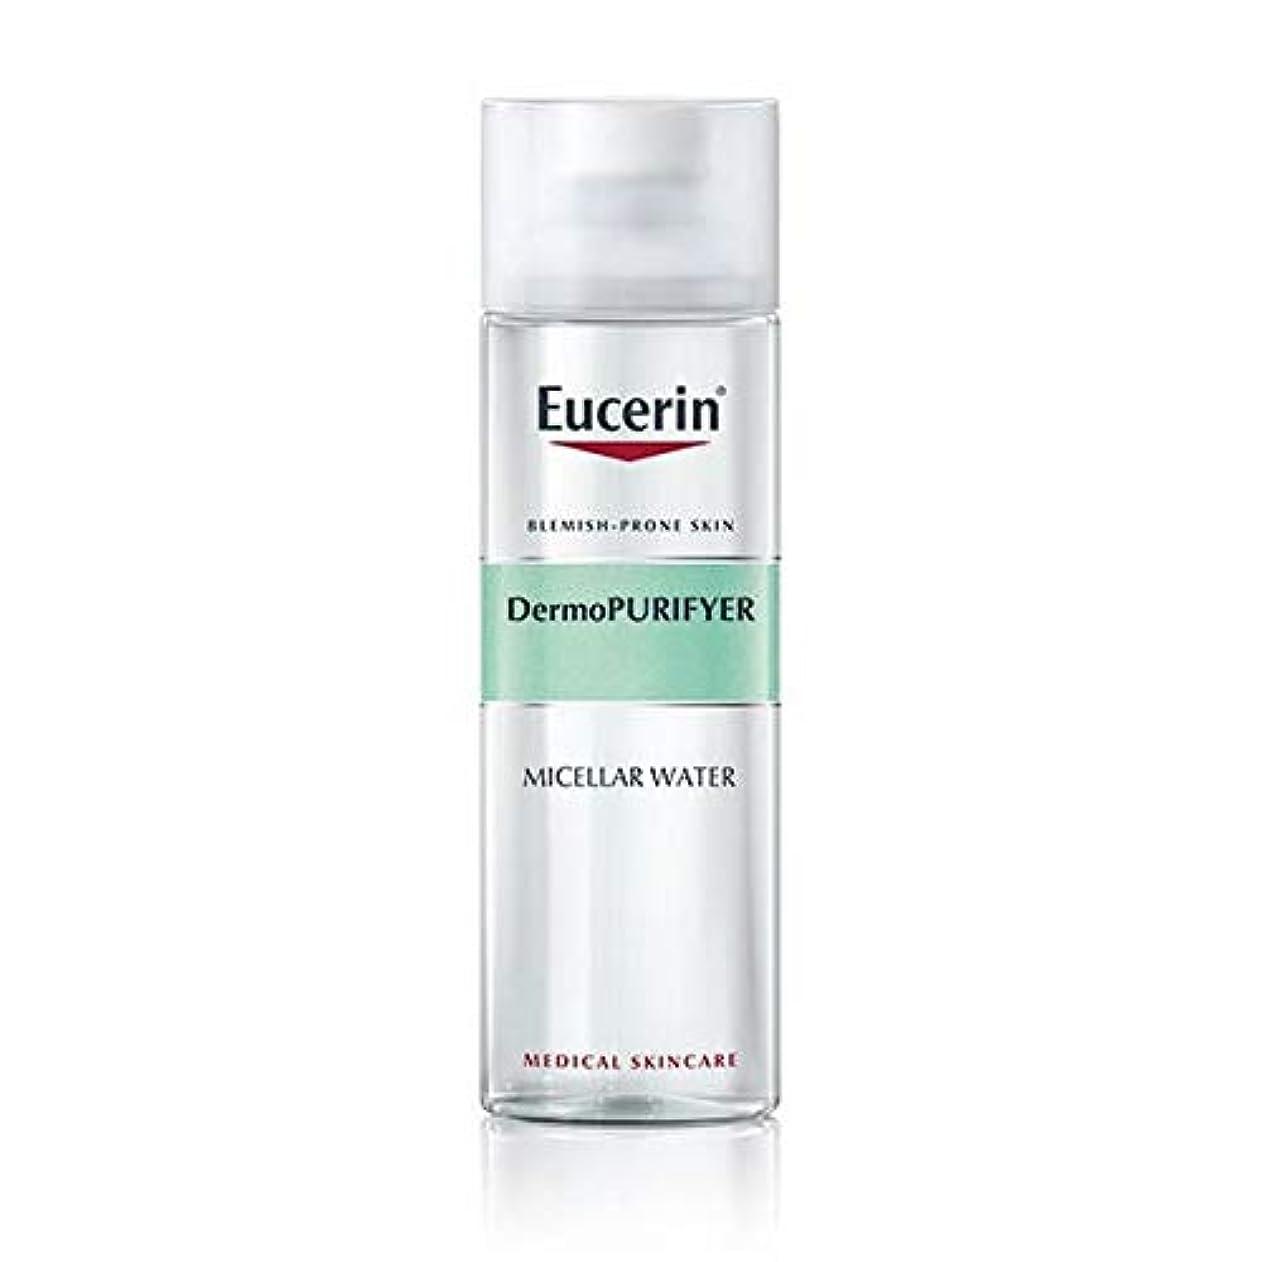 アジア人起点エスカレーター[Eucerin ] オイルコントロールミセル水200ミリリットルDermopurifyerユーセリン - Eucerin Dermopurifyer Oil Control Micellar Water 200ml [...